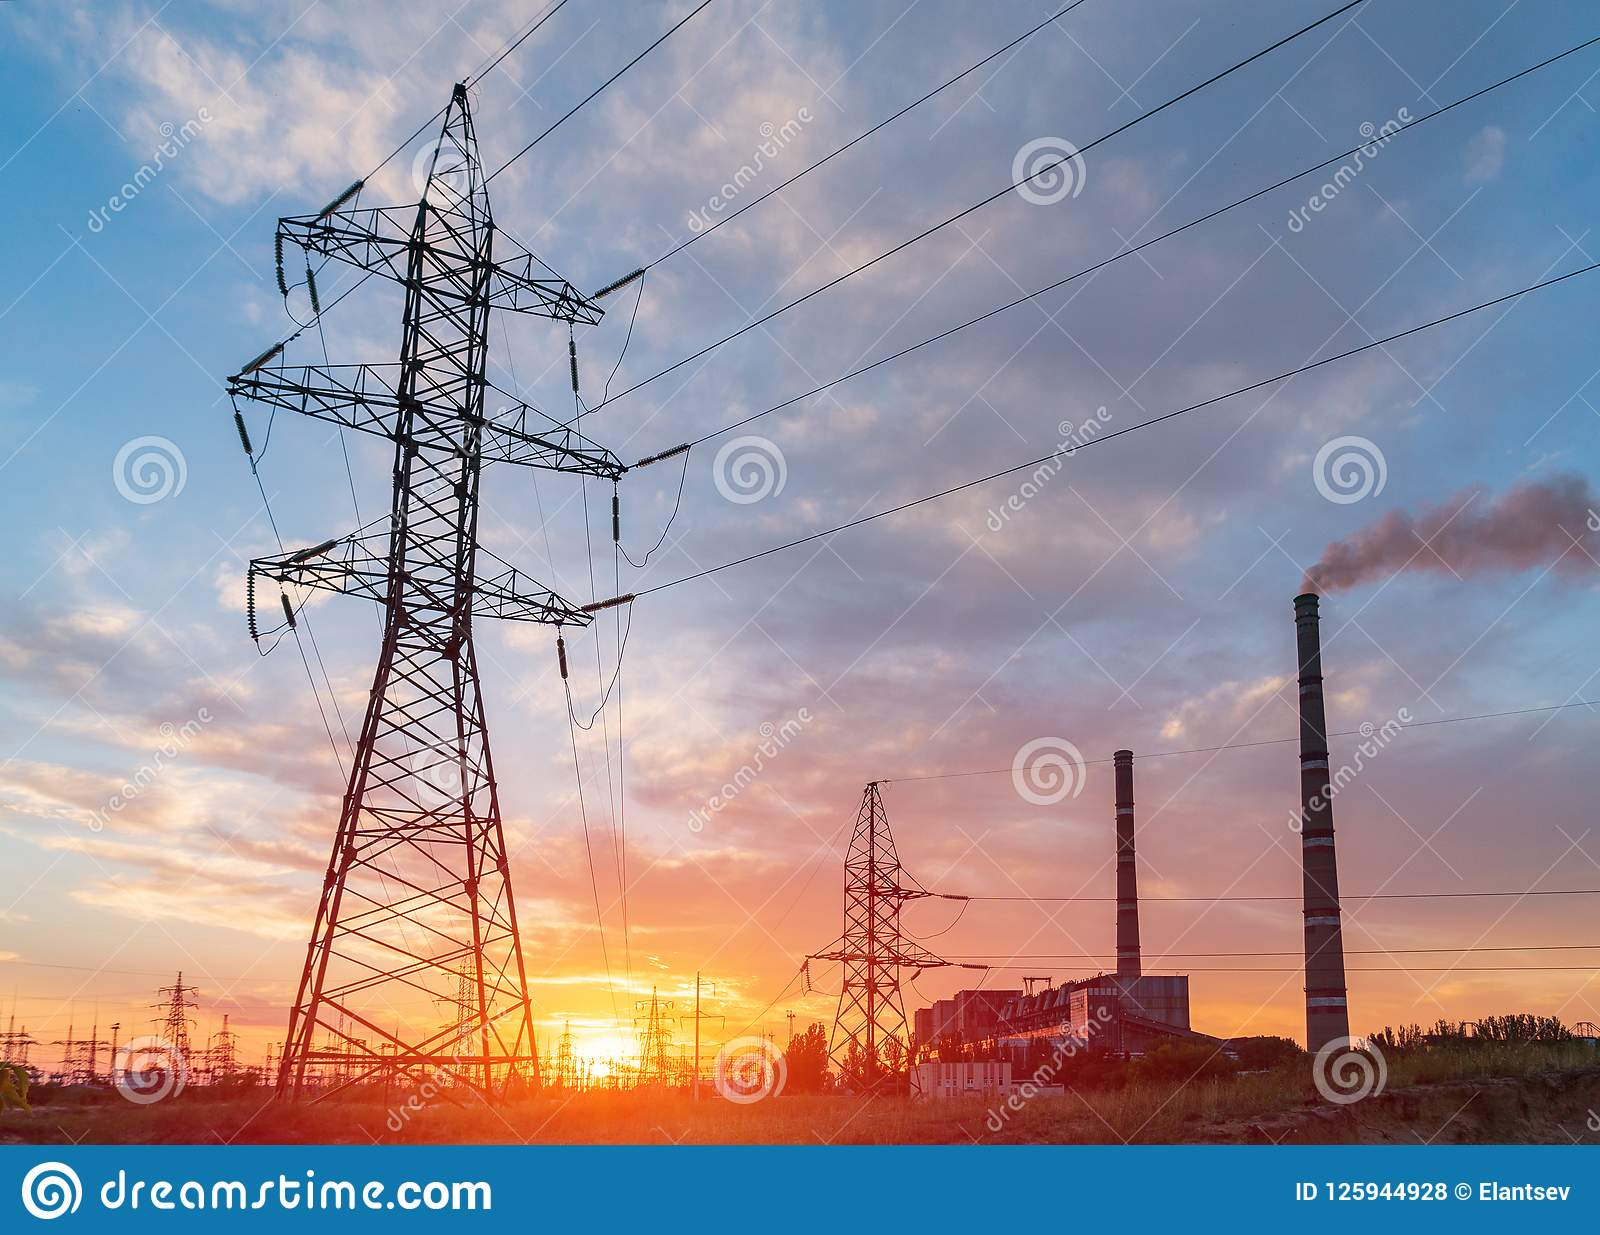 Subestação elétrica da distribuição com linhas elétricas e transformadores, no por do sol